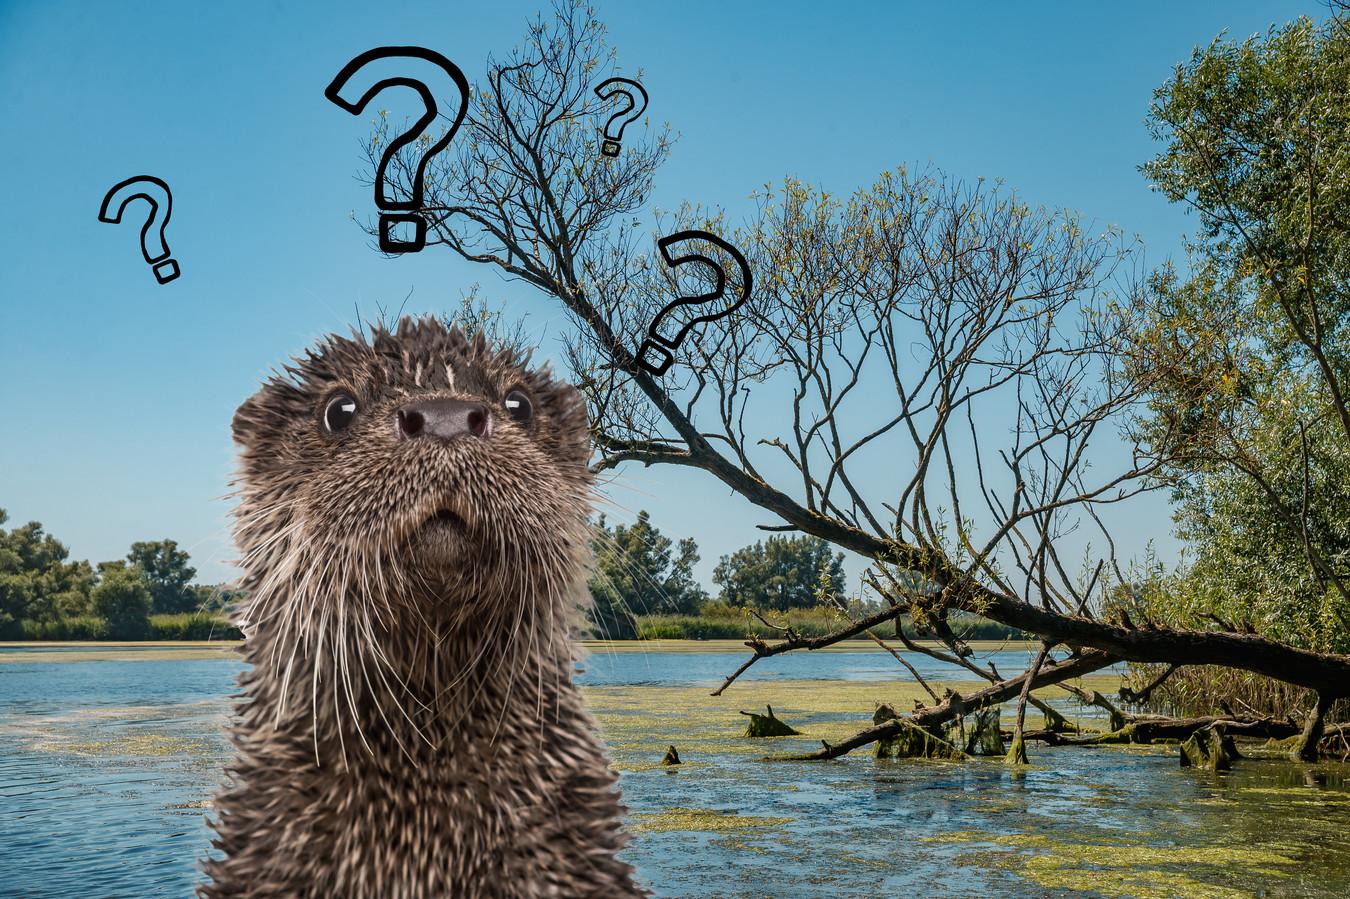 Komt de otter naar de Biesbosch?